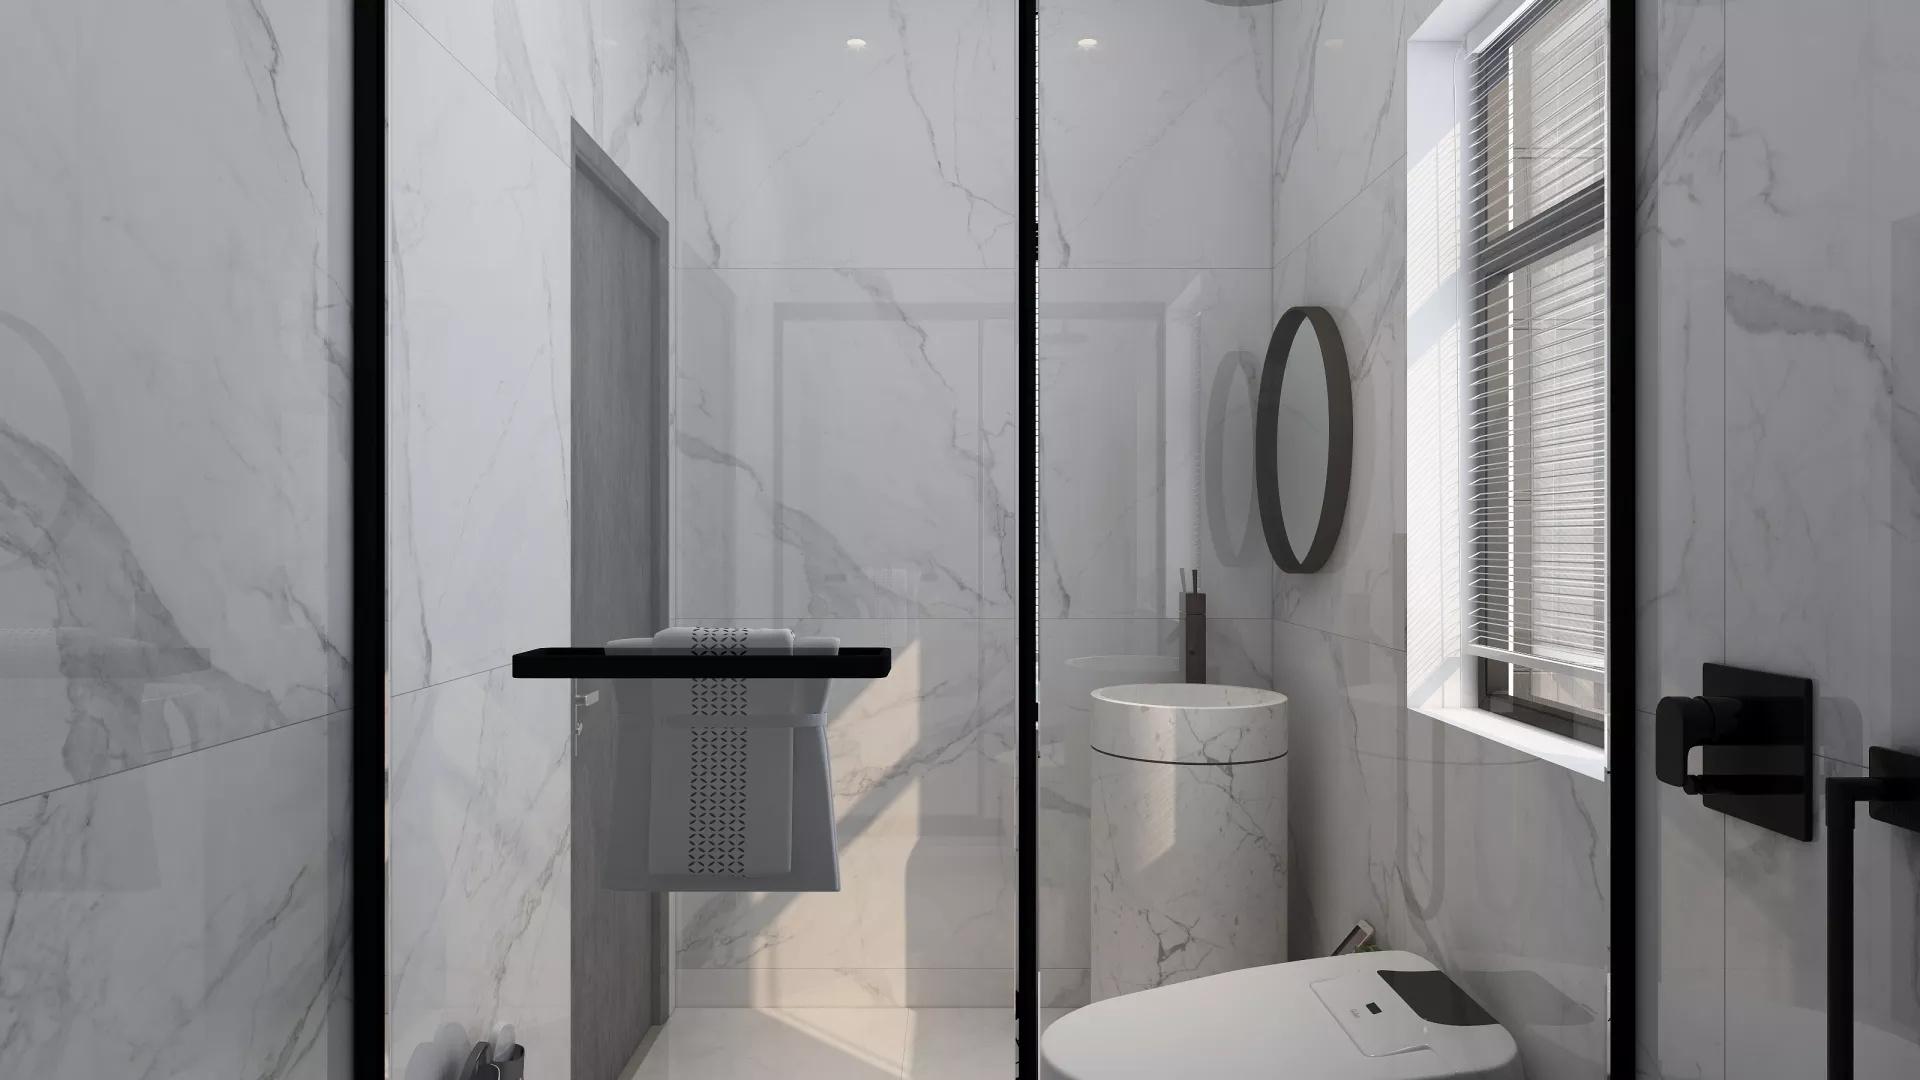 卫生间用品怎么放 如何清洁卫生间